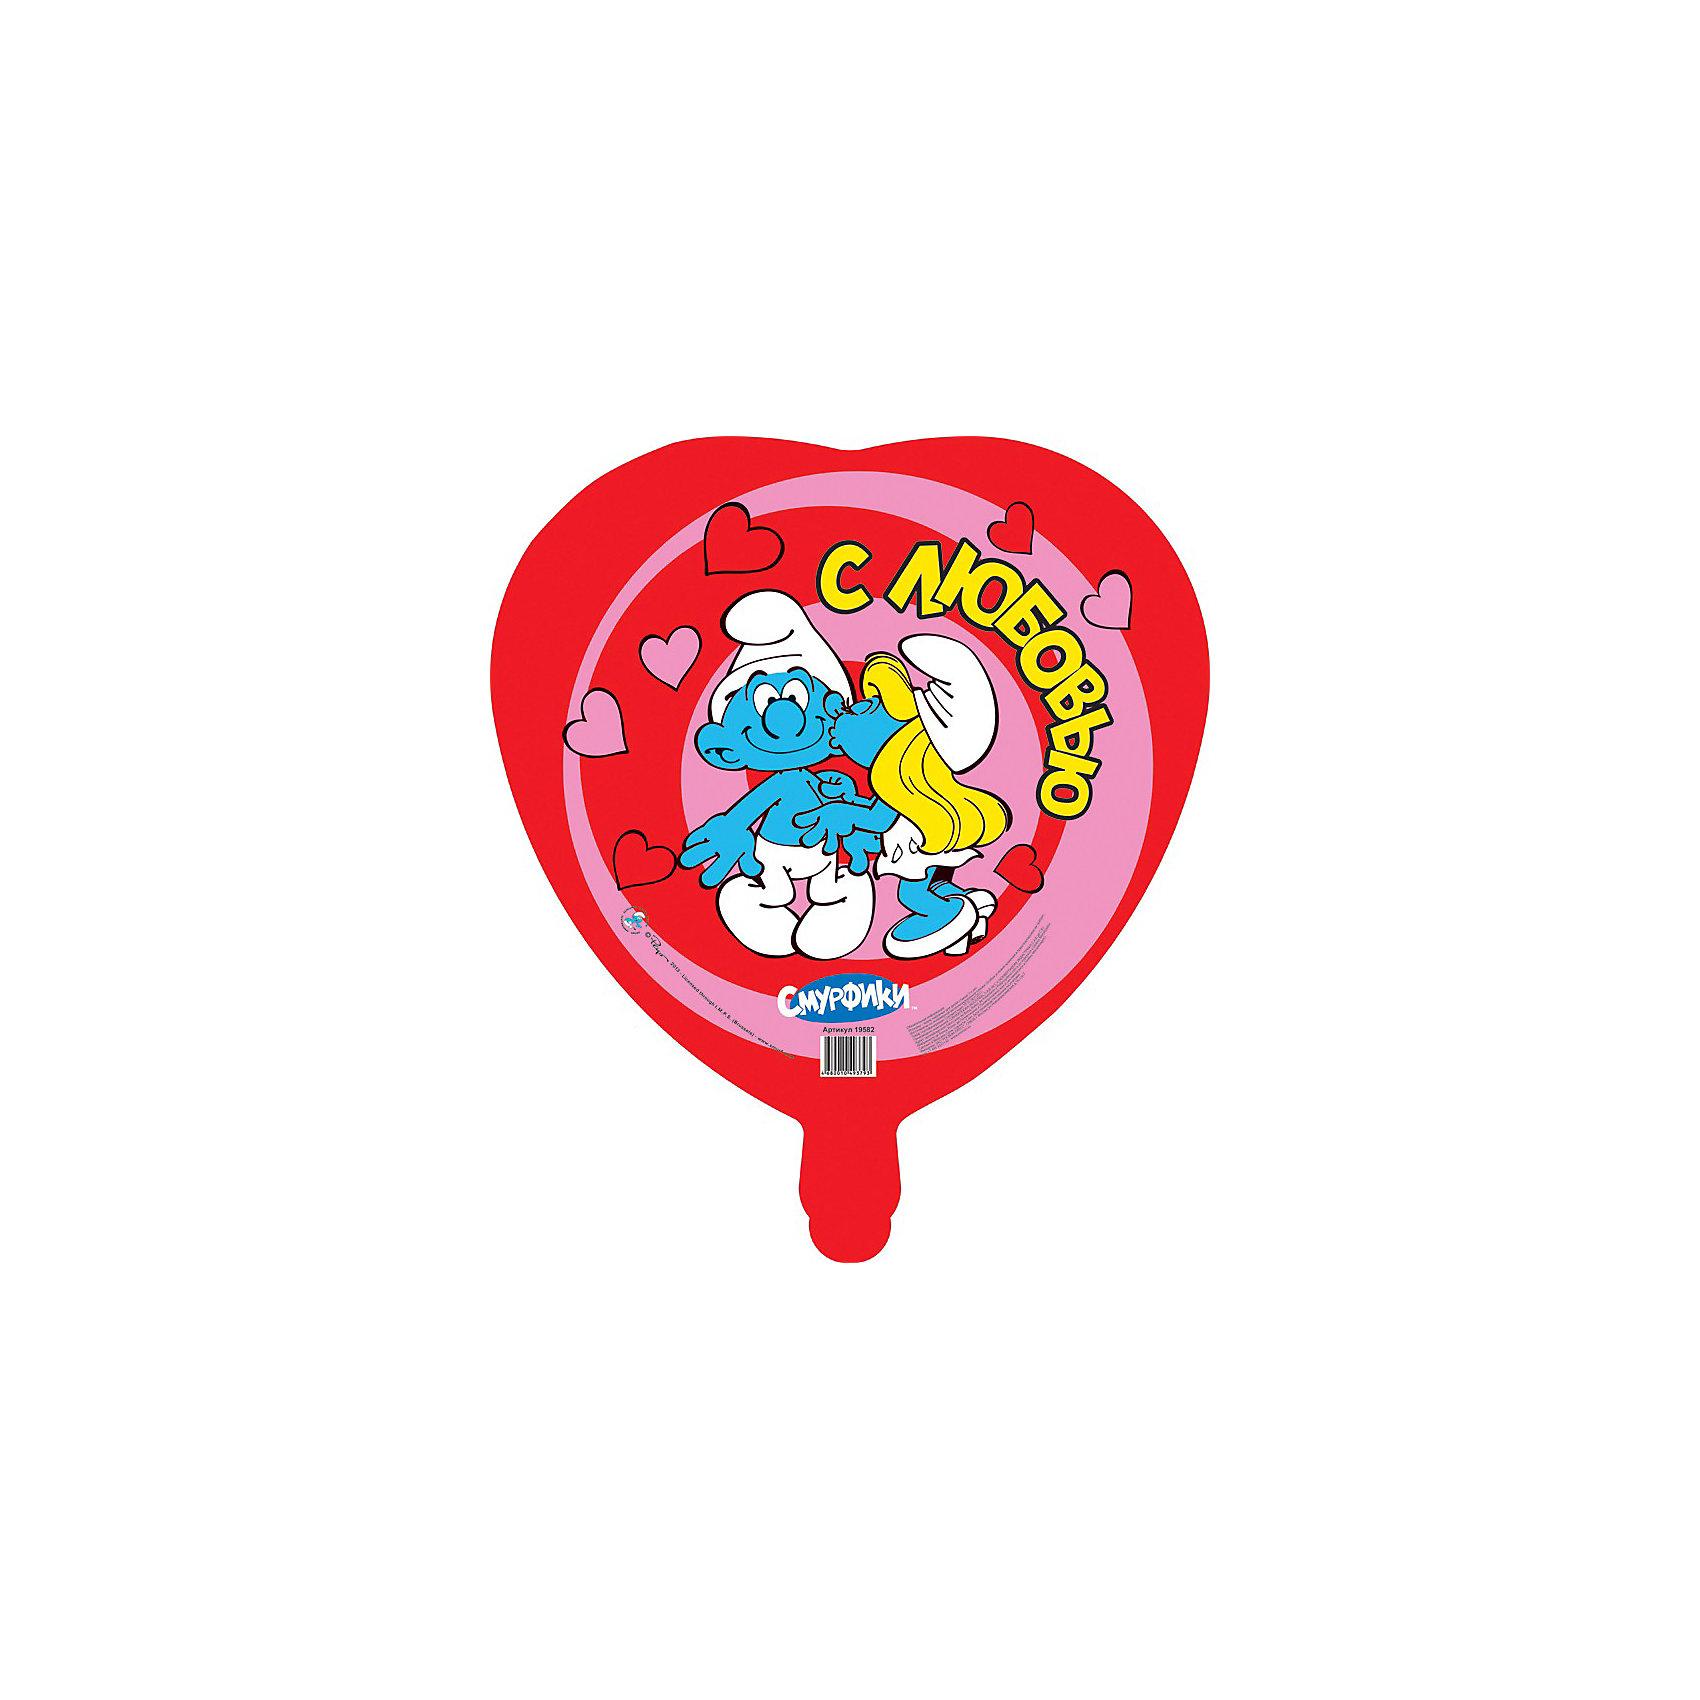 Шар Влюбленные смурфики, СмурфикиФигурный шар в форме сердца «Влюбленные смурфики» станет отличным украшением интерьера и забавной игрушкой для вашего ребенка. Прекрасный яркий аксессуар обязательно порадует вашего малыша и создаст атмосферу праздника.<br><br>Дополнительная информация:<br><br>- Размер: d - 46 см.<br>- Форма: круг.<br>- Материал: миларовая пленка.<br>- Надувается гелием.<br>- Поставляется в сдутом виде.<br><br>Шар Влюбленные смурфики, Смурфики, можно купить в нашем магазине.<br><br>Ширина мм: 530<br>Глубина мм: 460<br>Высота мм: 1<br>Вес г: 10<br>Возраст от месяцев: 36<br>Возраст до месяцев: 84<br>Пол: Унисекс<br>Возраст: Детский<br>SKU: 3868075